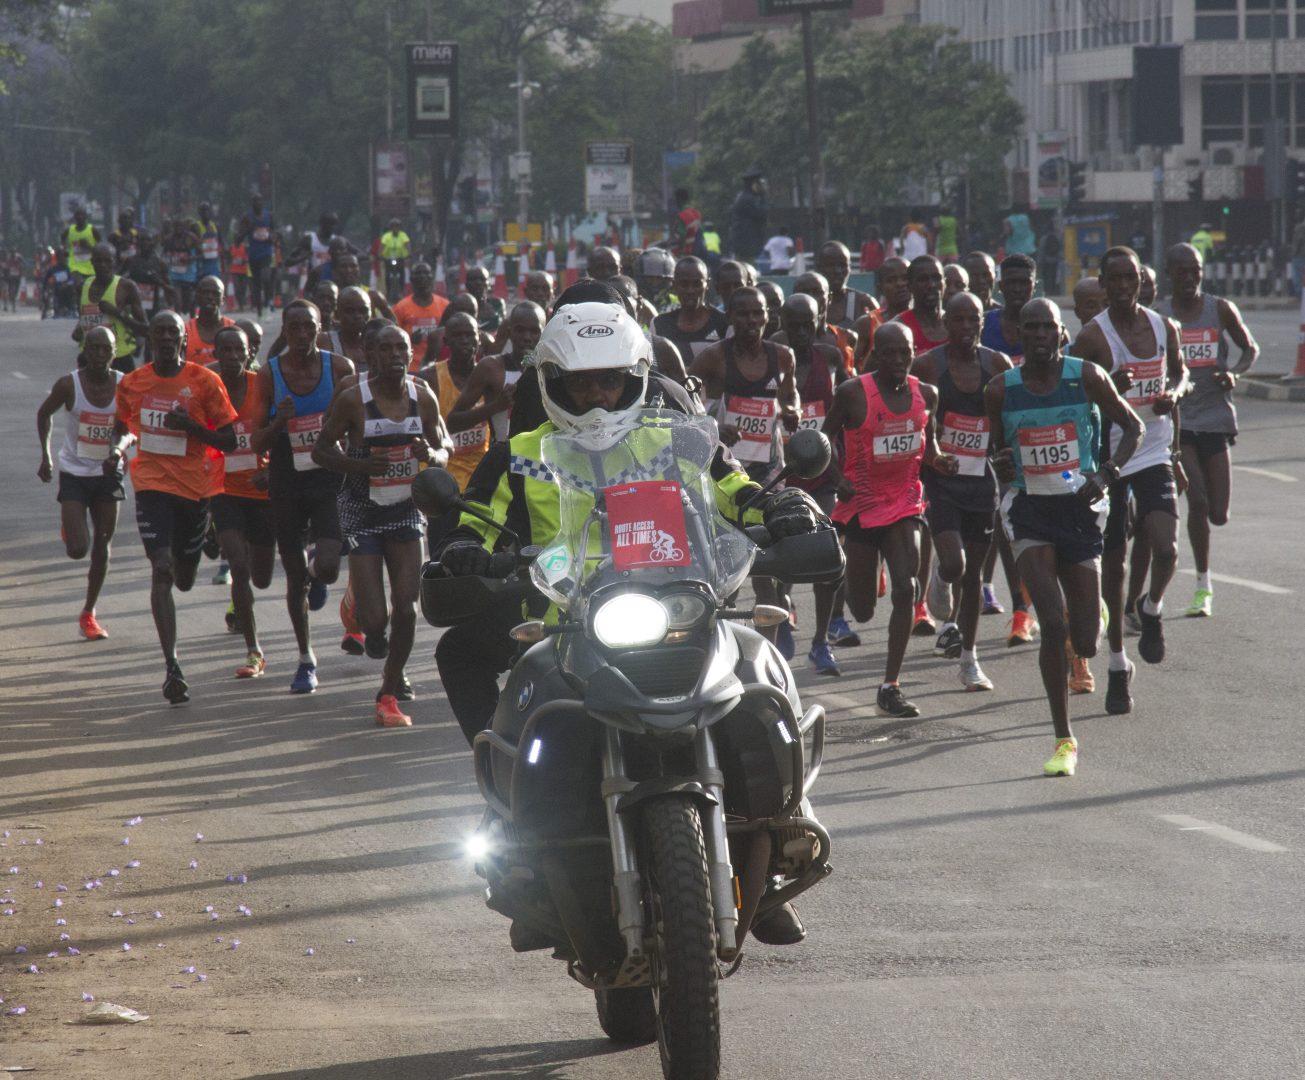 https://www.nairobimarathon.com/wp-content/uploads/2021/07/MG_4593.jpg